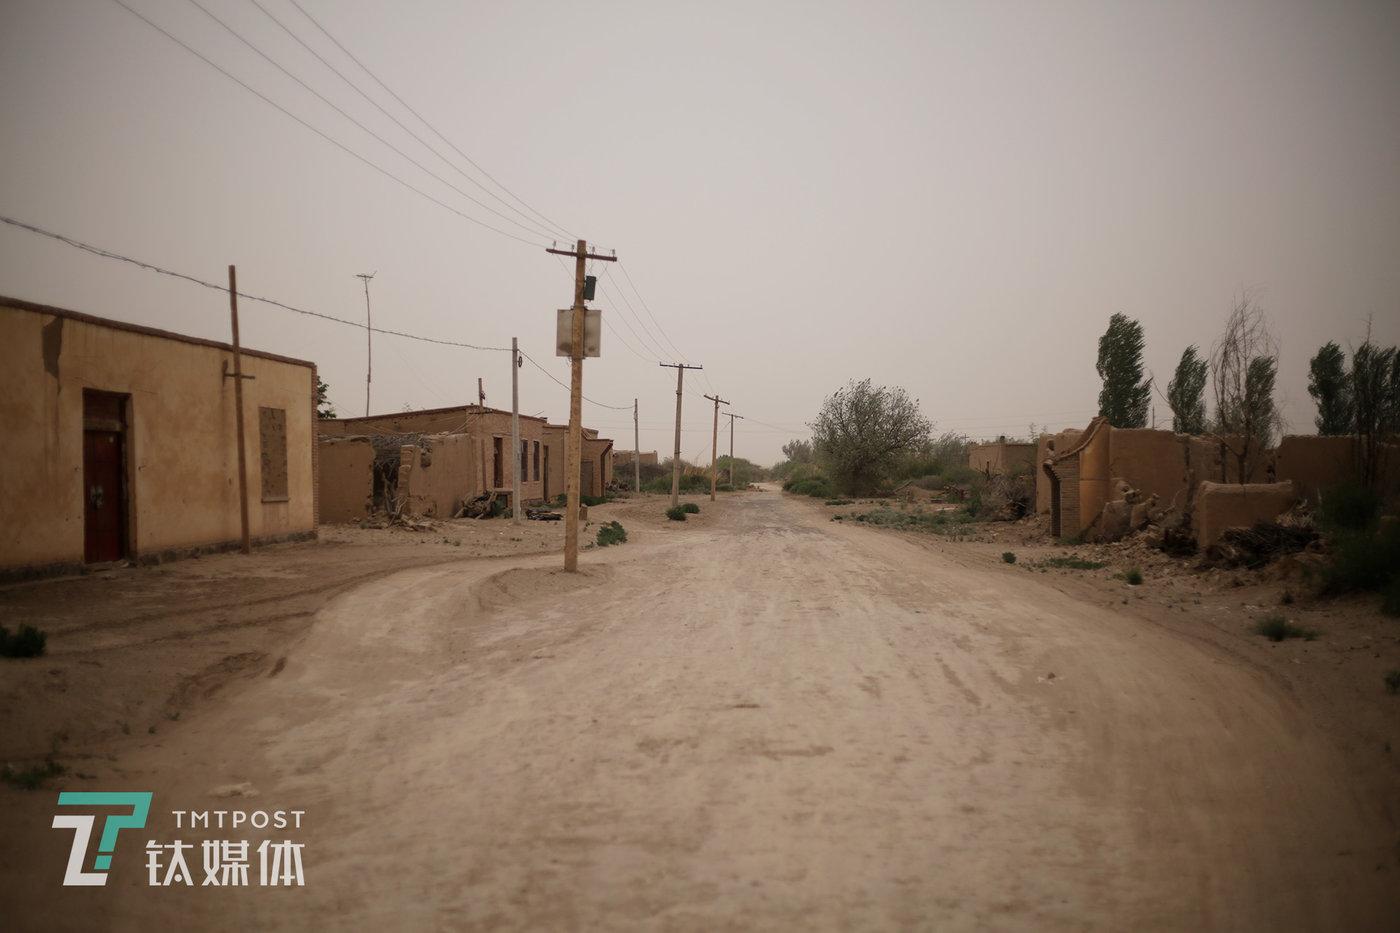 人口流失在这里已是不可避免的趋势。附智村,一条村路两旁,房屋已全部废弃,在此居住的村民有的去了沙漠对面的内蒙,有的去了民勤县或甘肃其他地方。